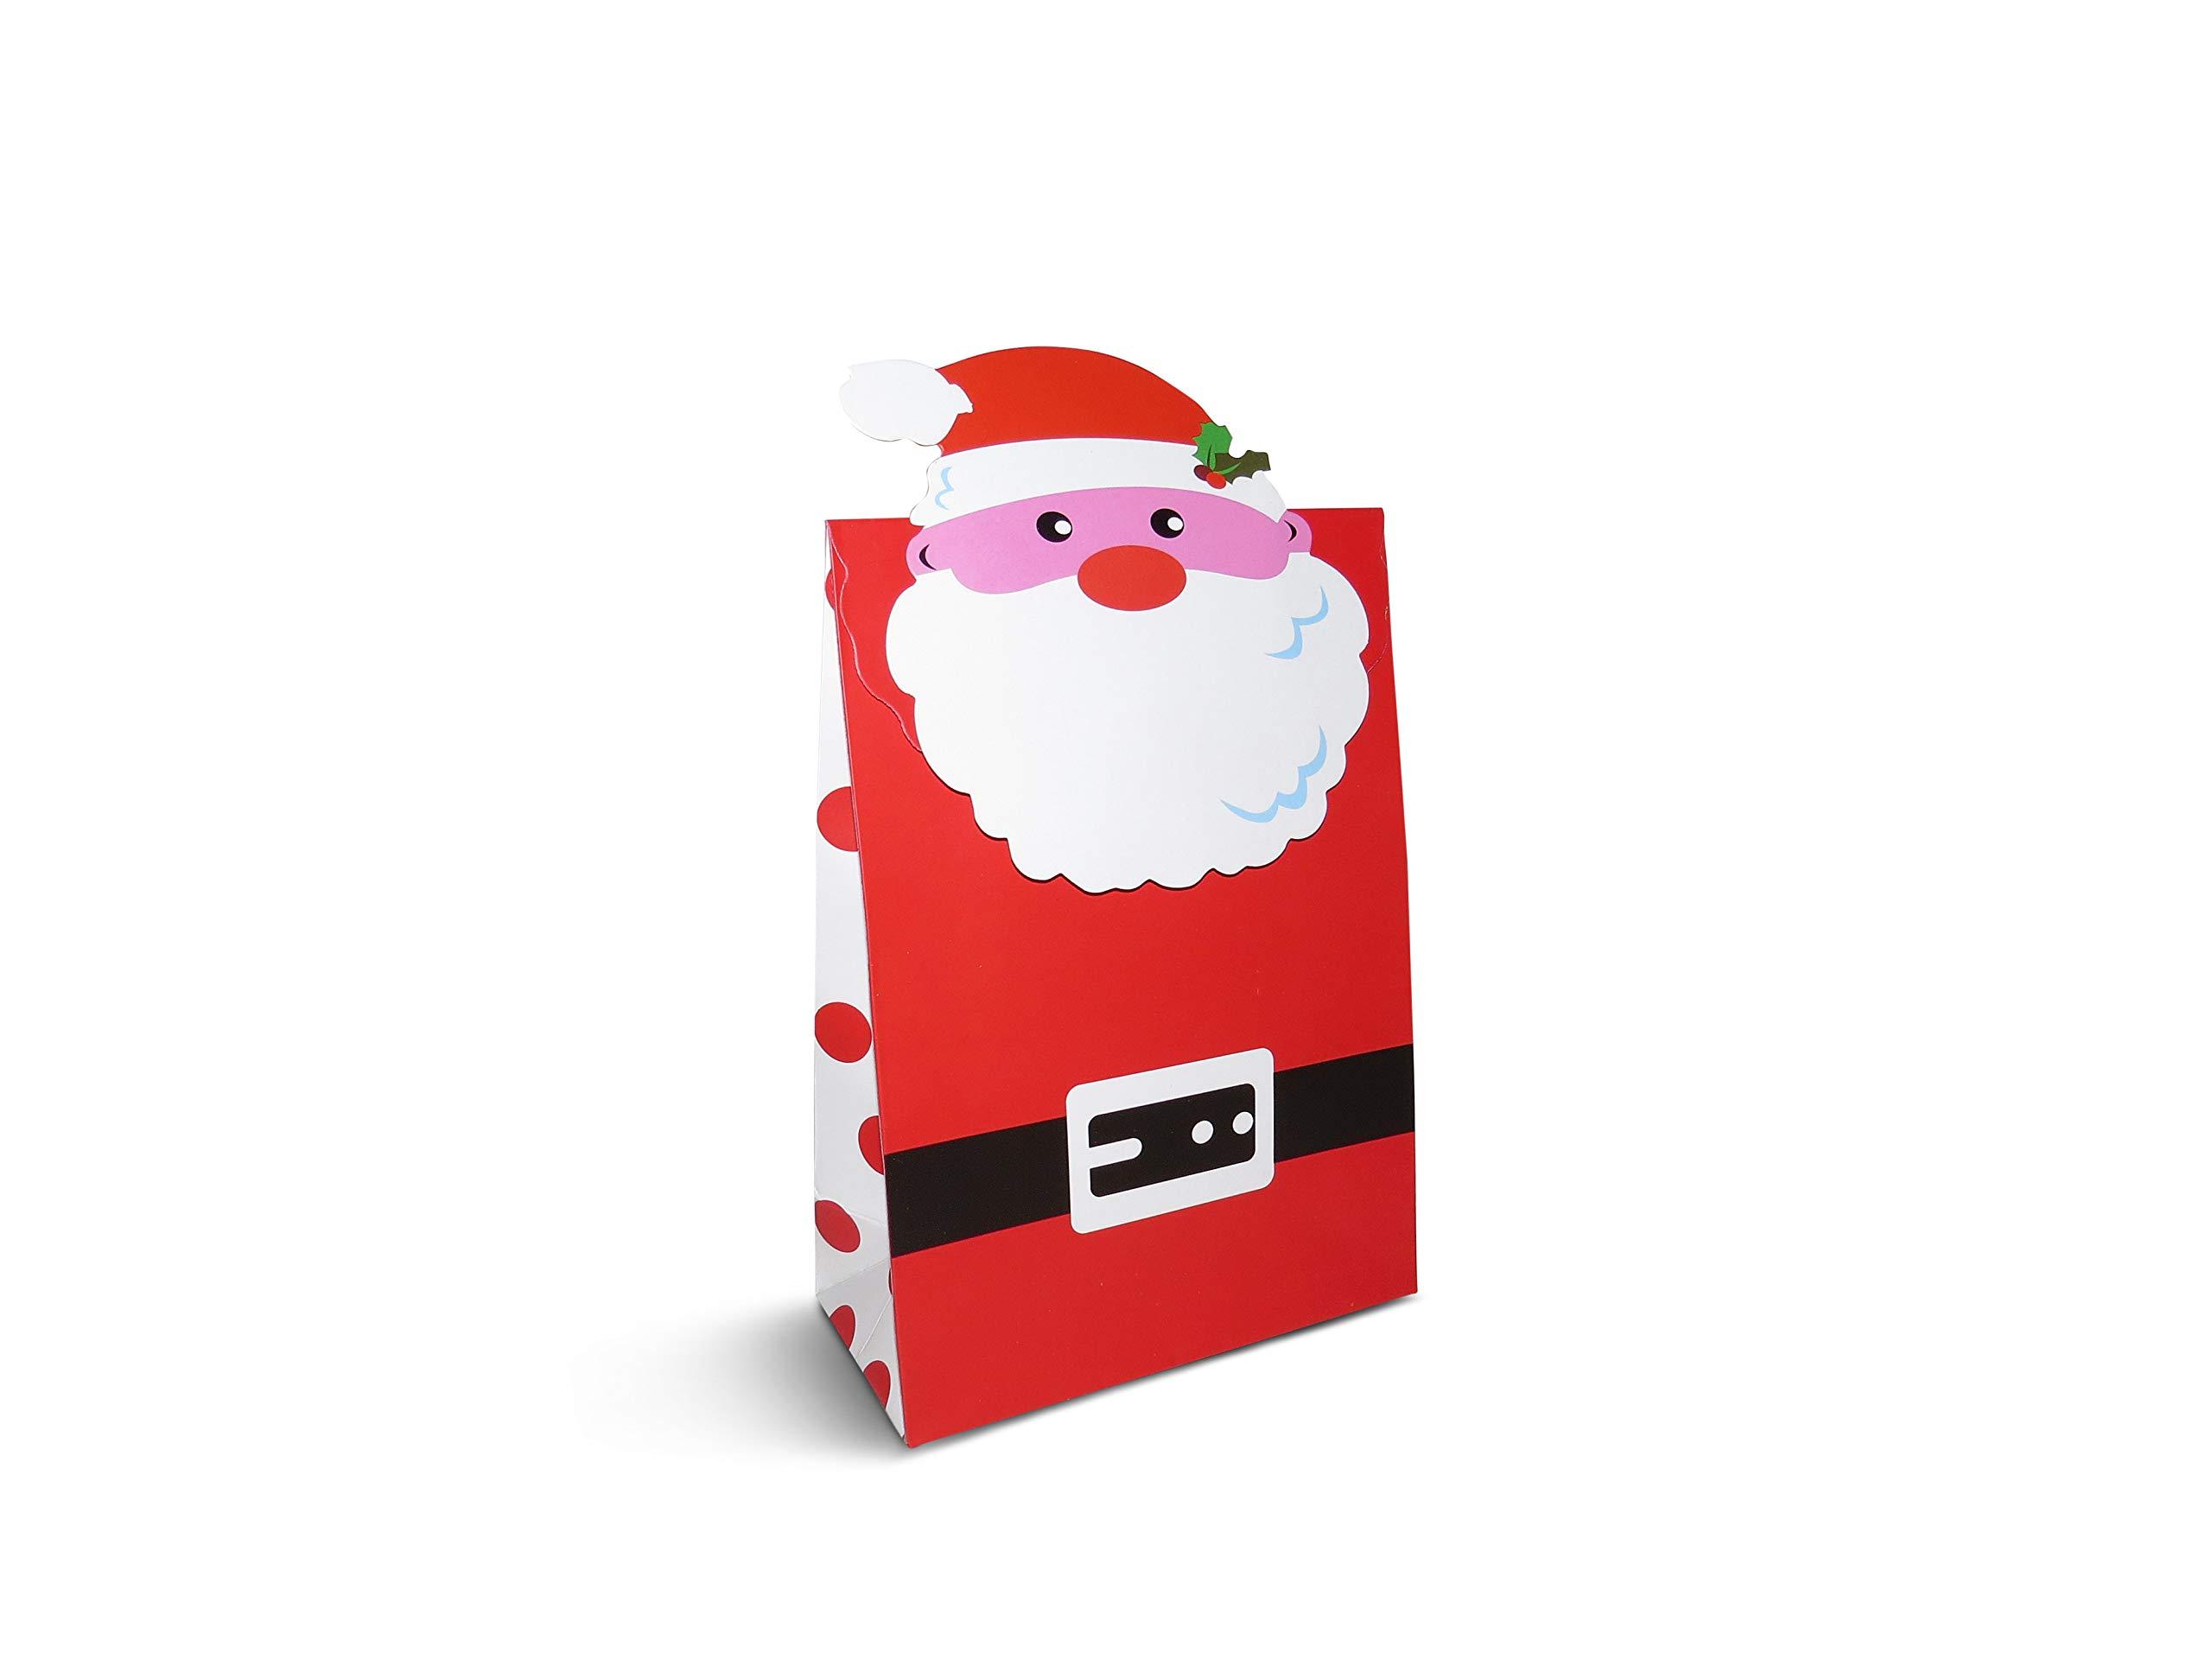 Pack de 12 cajas de regalo de Navidad con velcro, bolsas de regalo para regalos de regalo: Amazon.es: Oficina y papelería